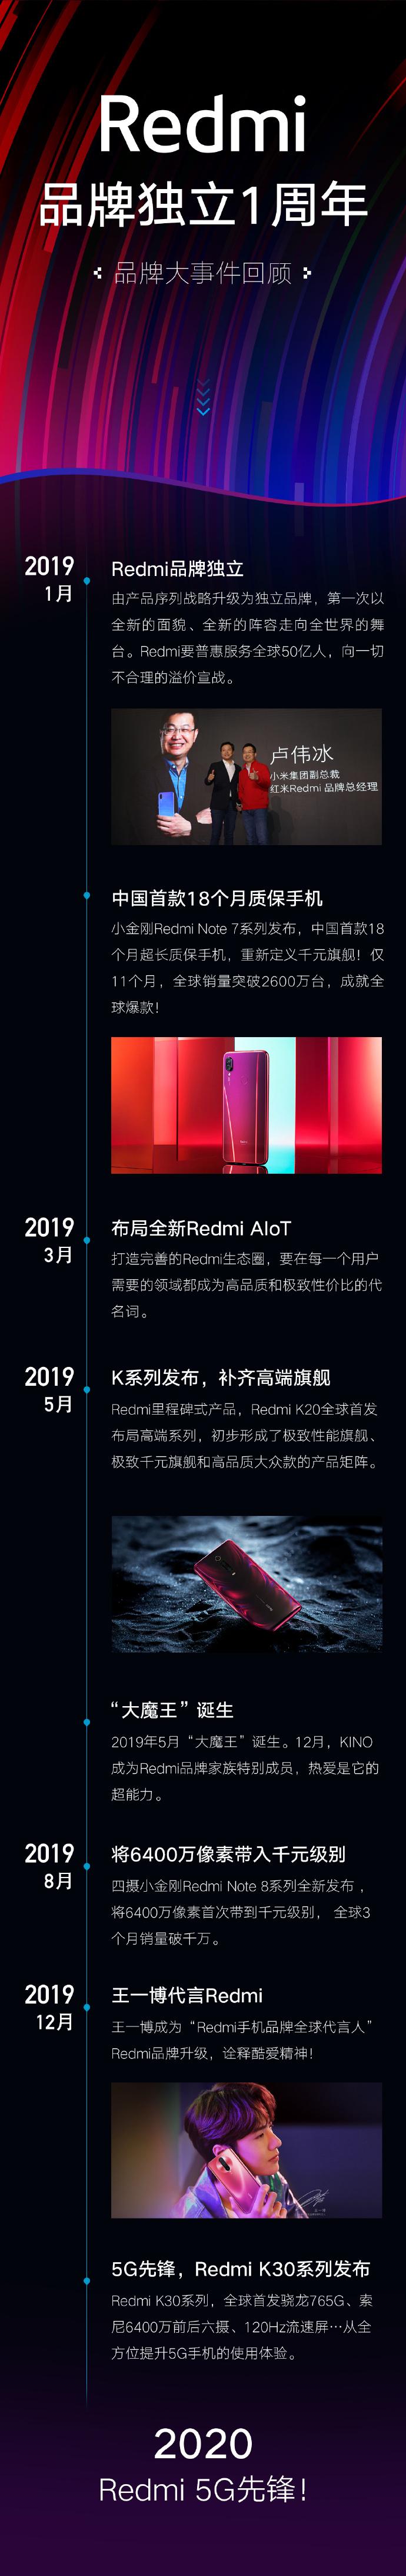 红米品牌独立一周年官方事件回顾